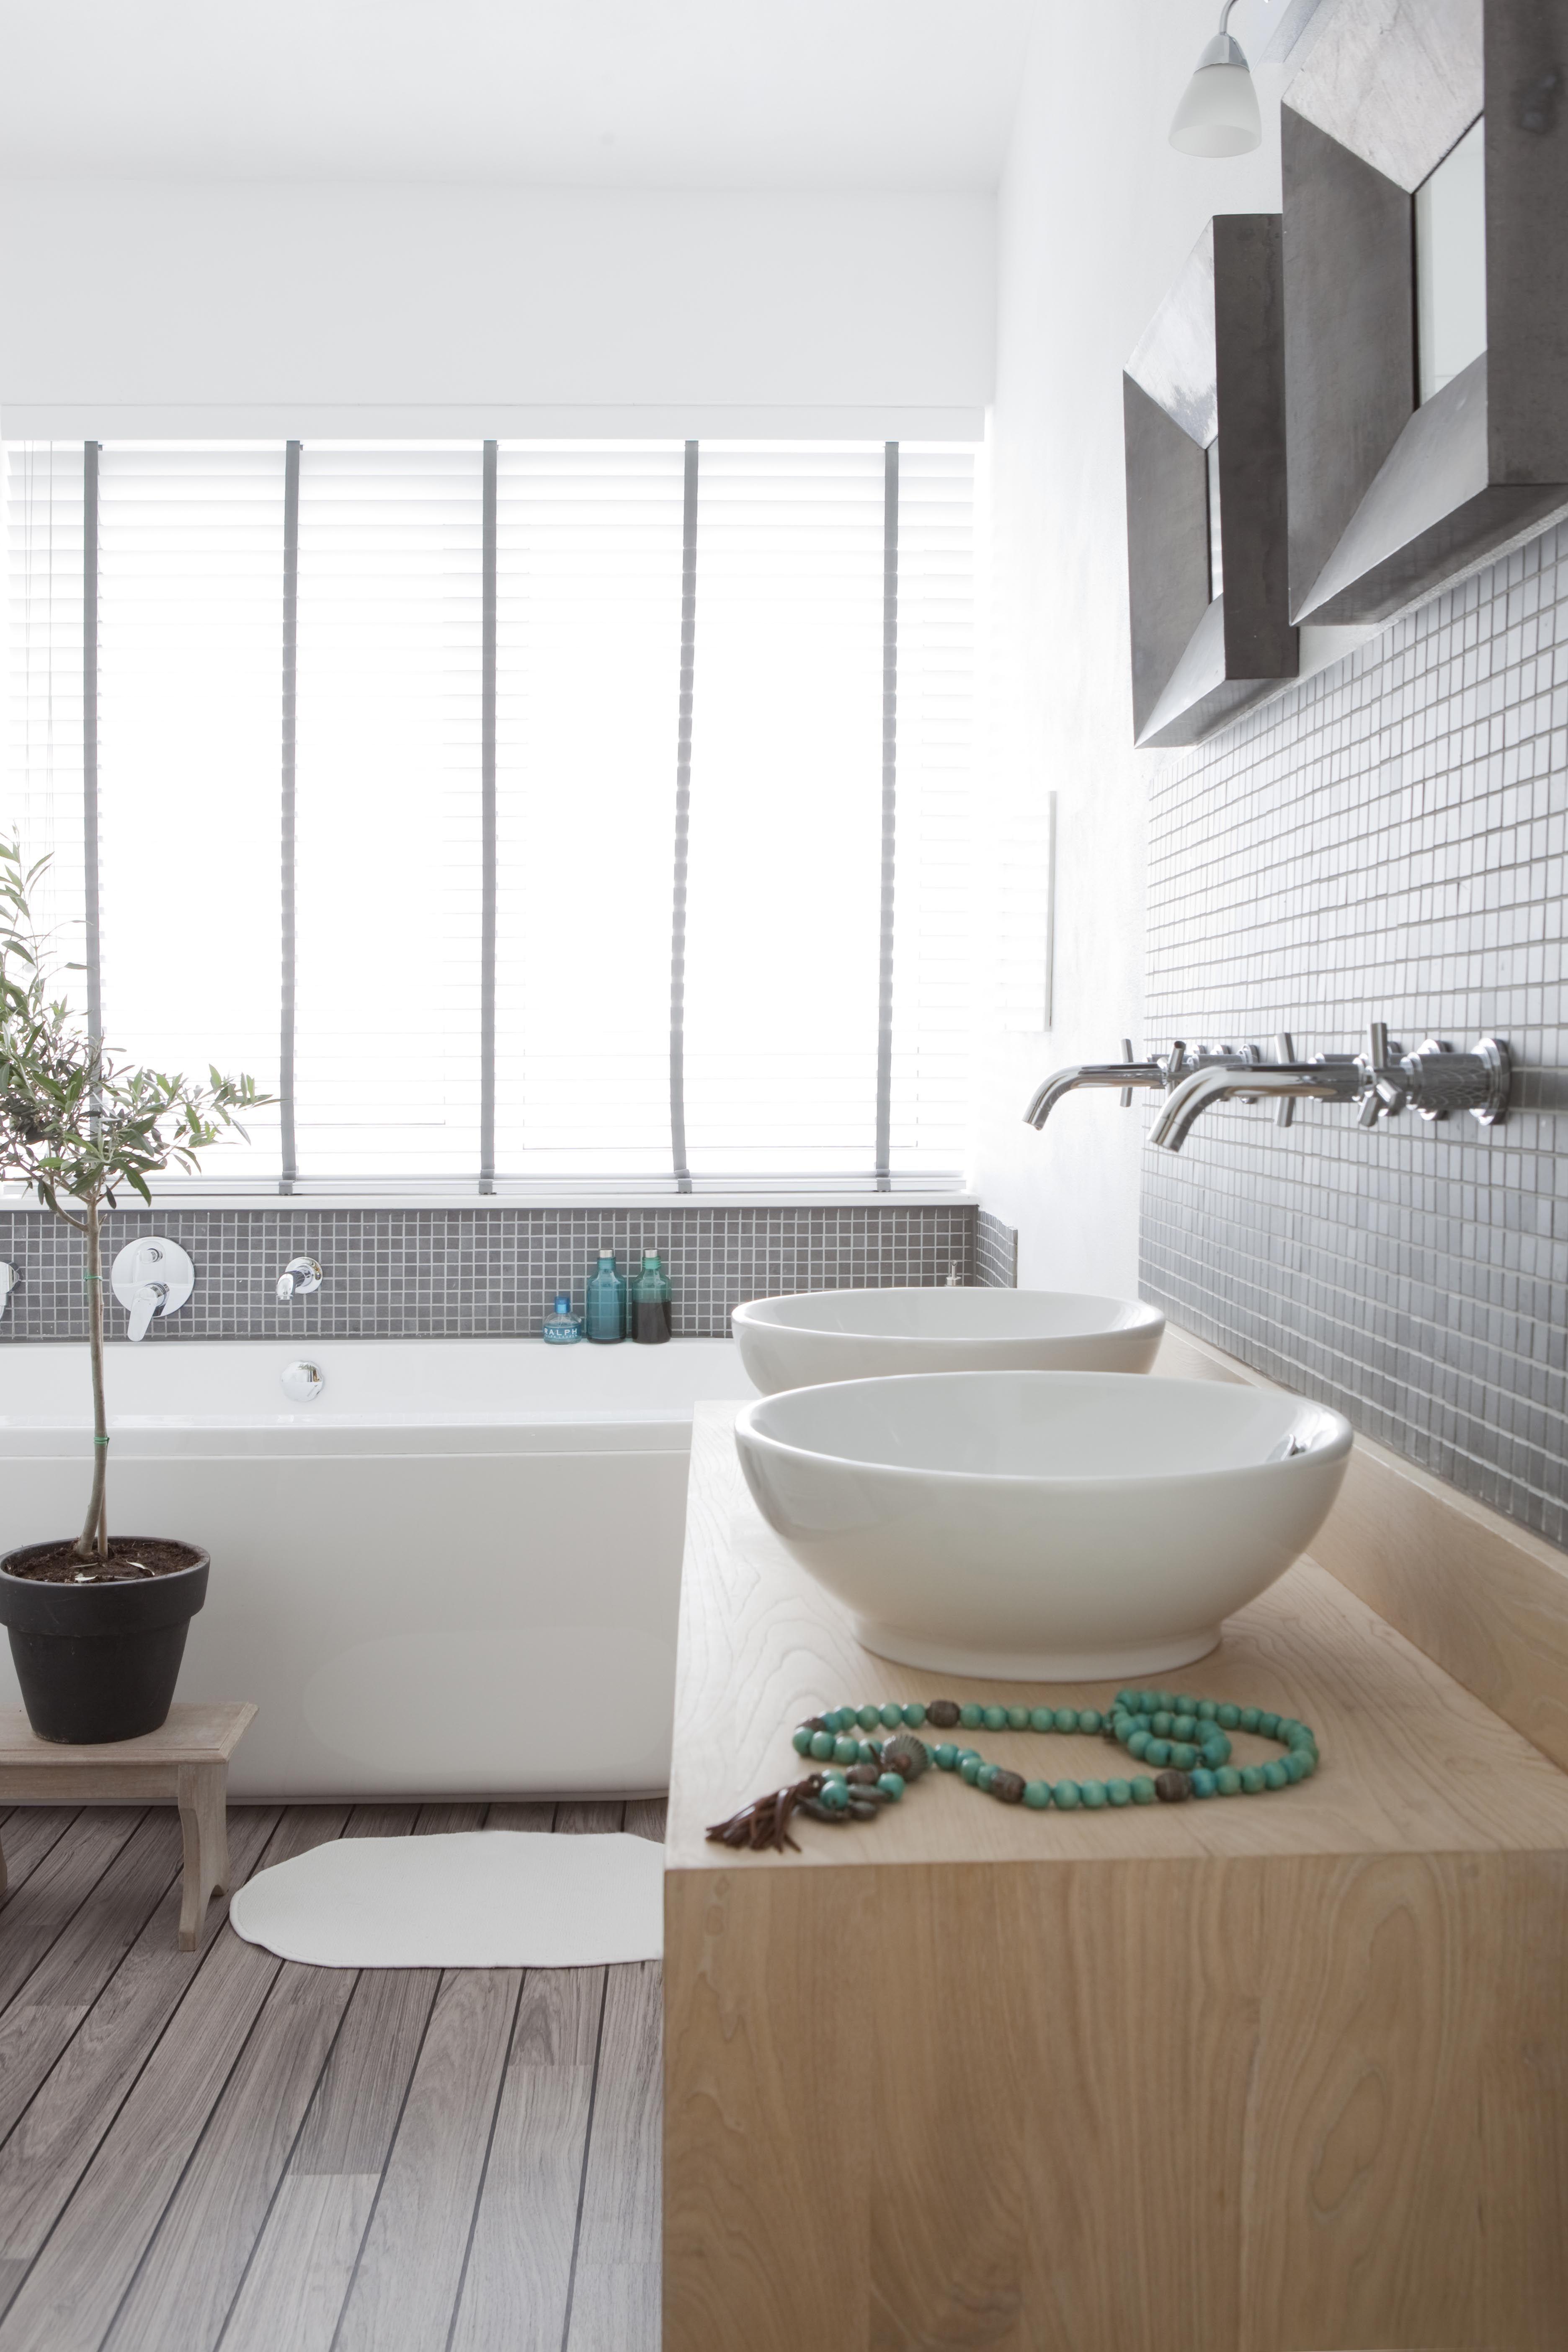 Badkamer met houten wastafel en mozaiek | Badkamer | Pinterest ...